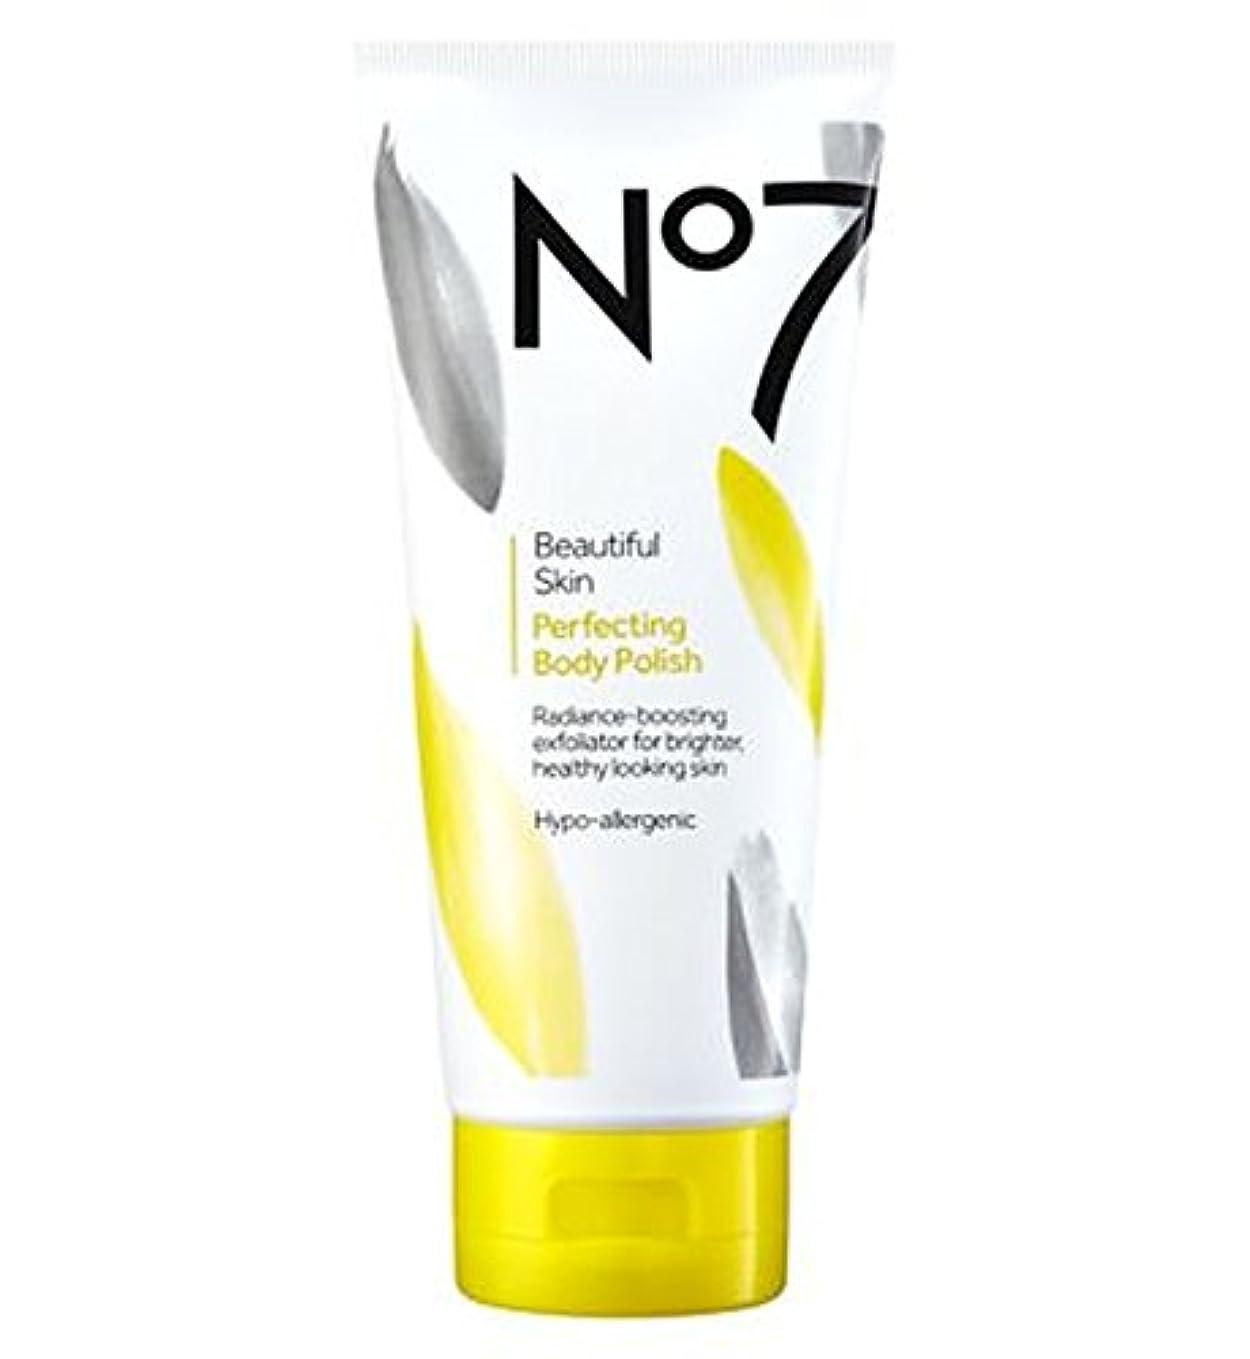 大上回るしみNo7 Beautiful Skin Perfecting Body Polish - ボディポリッシュを完成No7美肌 (No7) [並行輸入品]